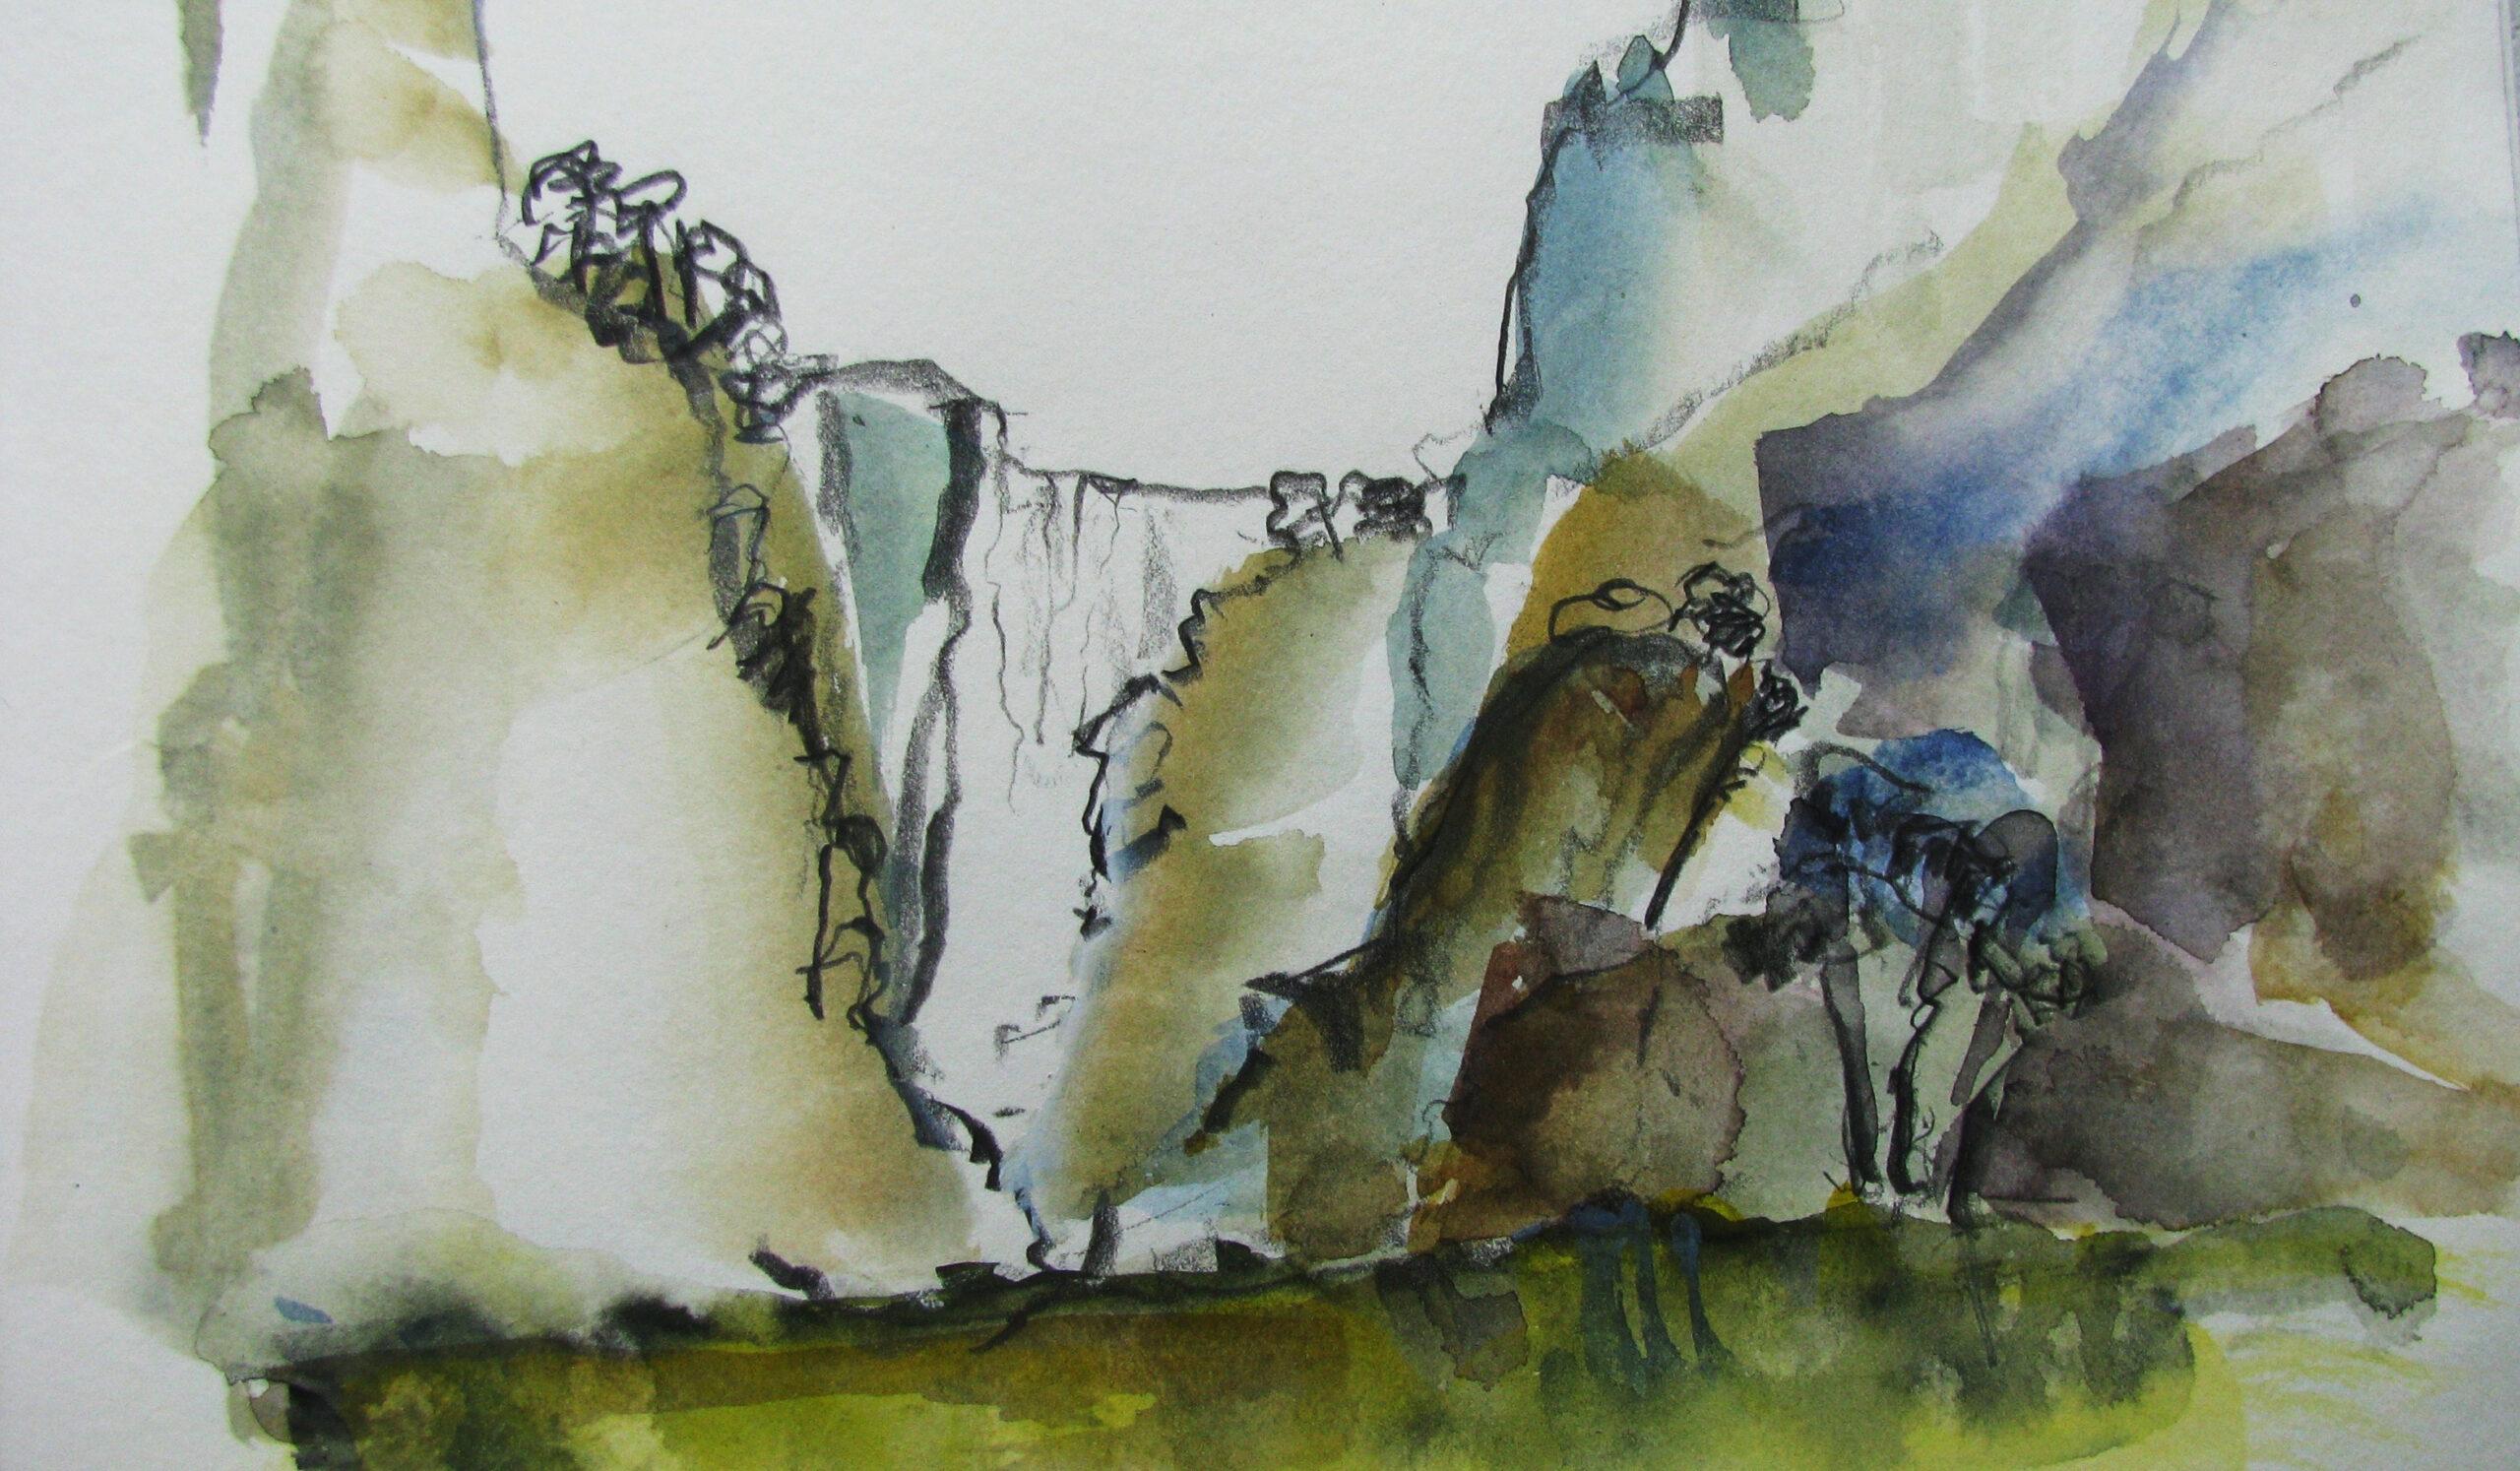 Aquarell, 40 x 30 cm (Ausschnitt)